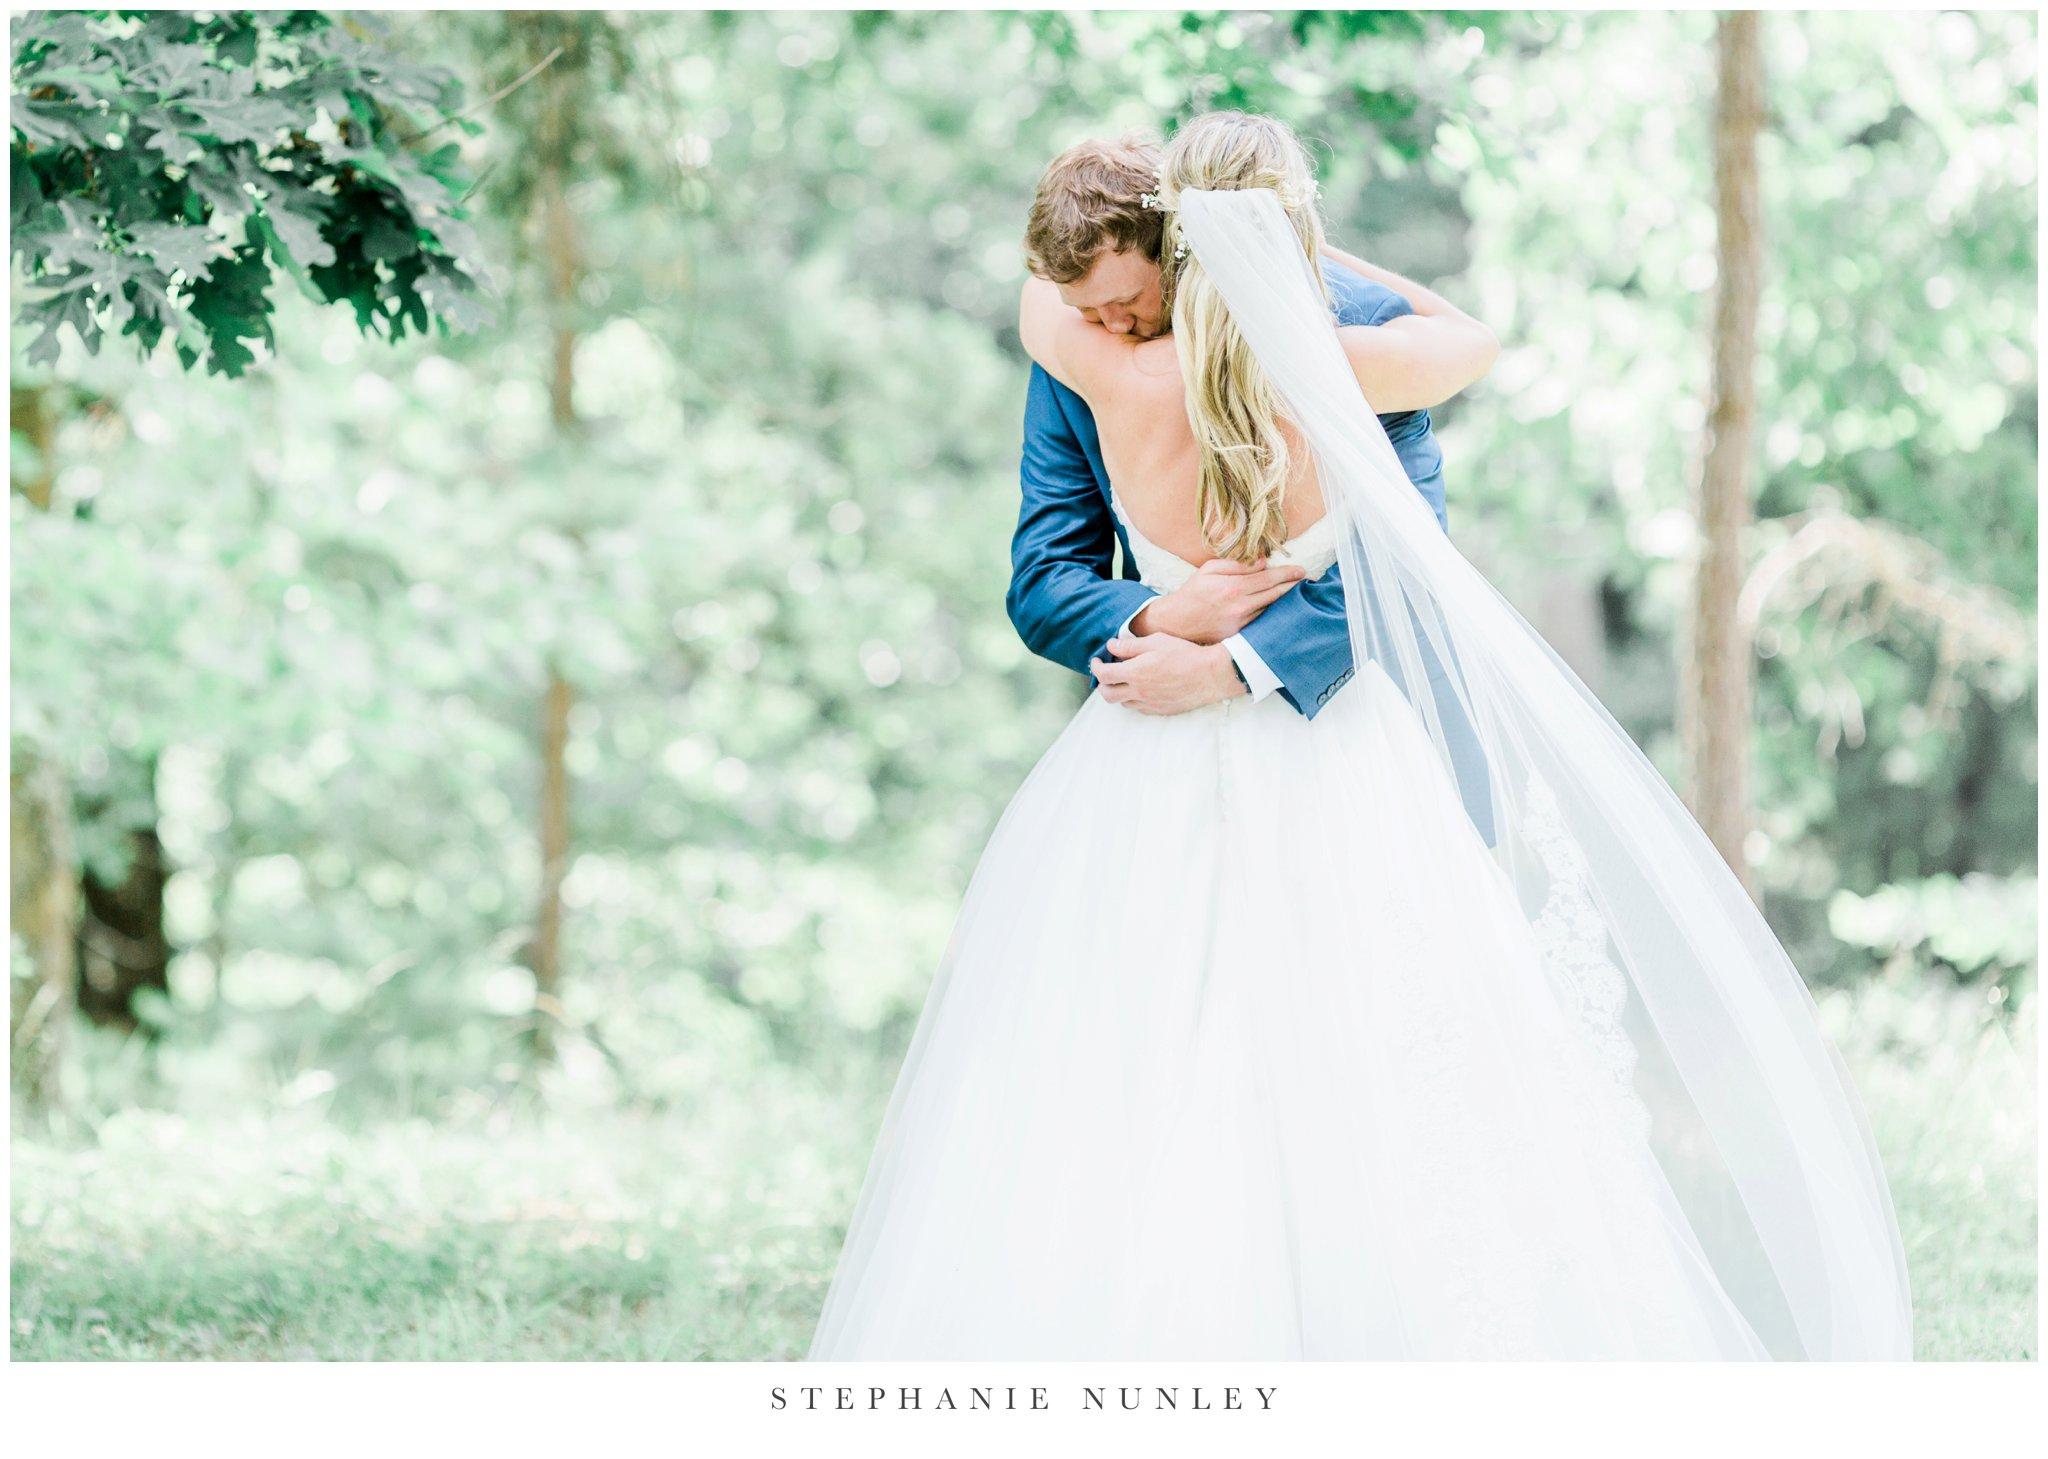 cold-springs-wedding-photos-in-arkansas-0023.jpg